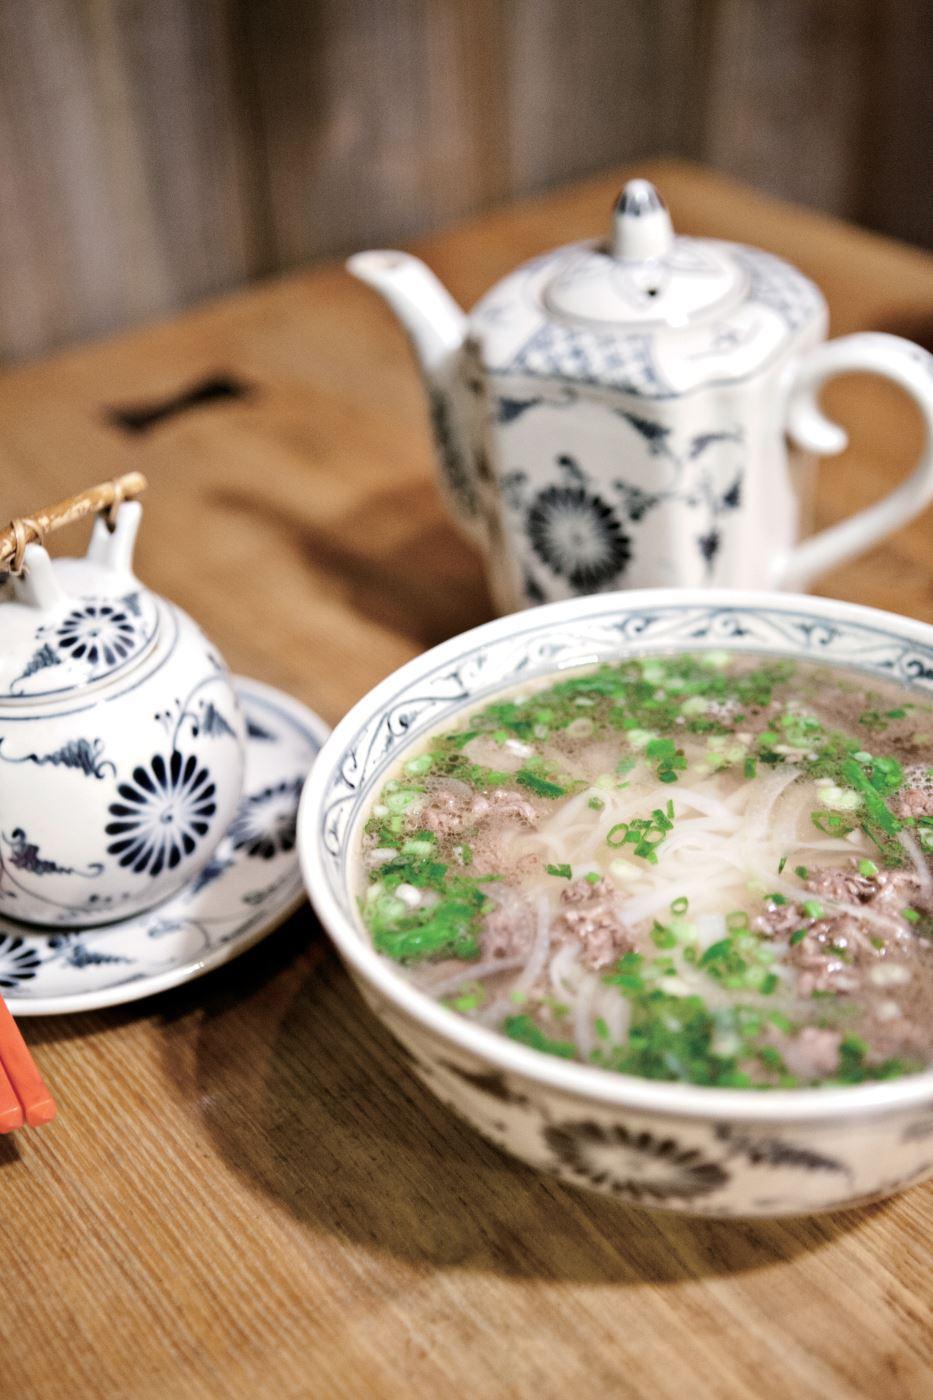 프리미엄 쌀국수. 양념에 볶은 고기가 달콤한 맛을 더한다.